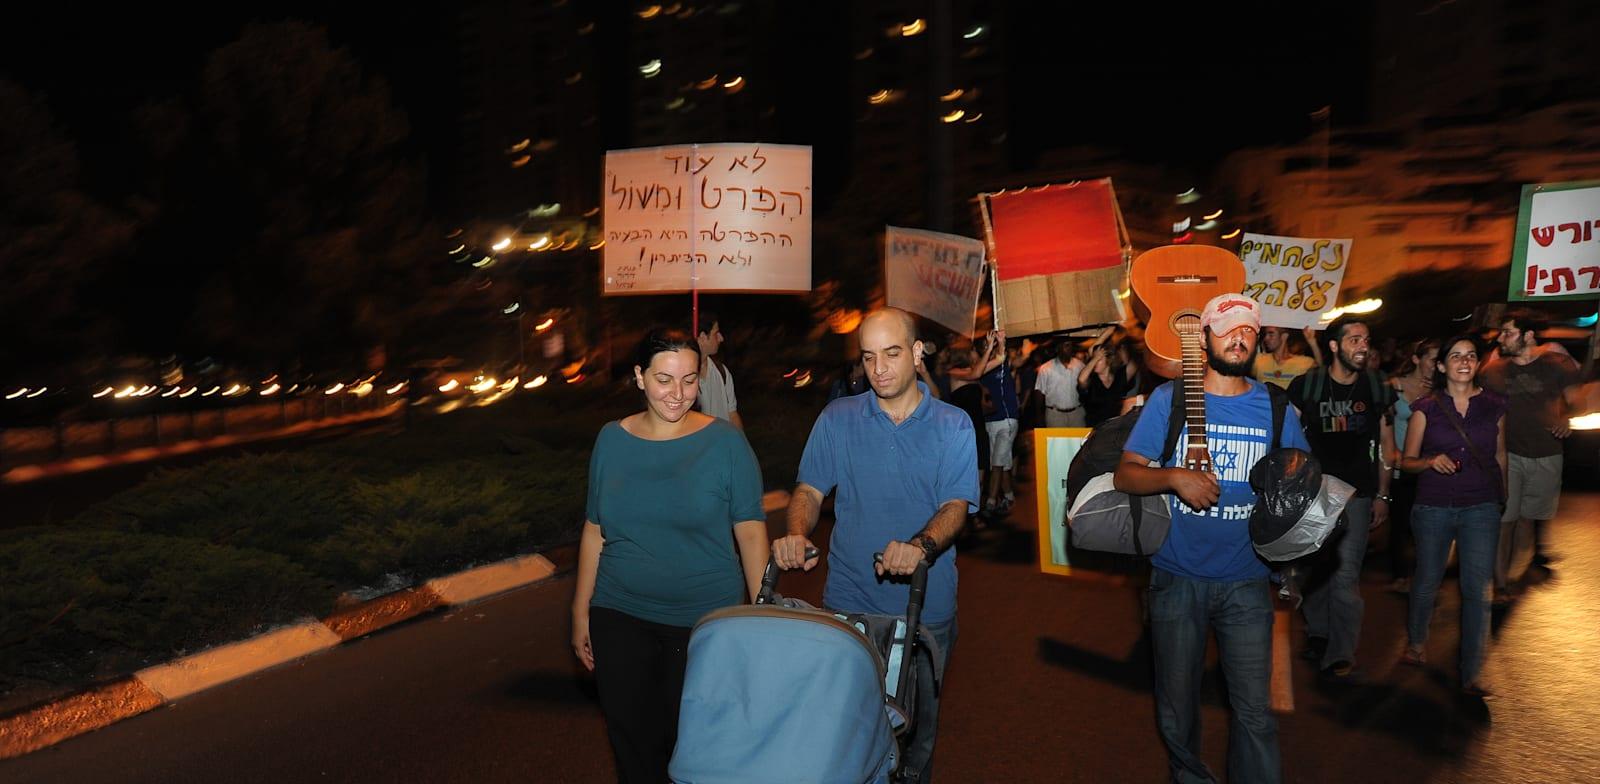 צעדת מחאה על מחירי הדיור / צילום: איל יצהר